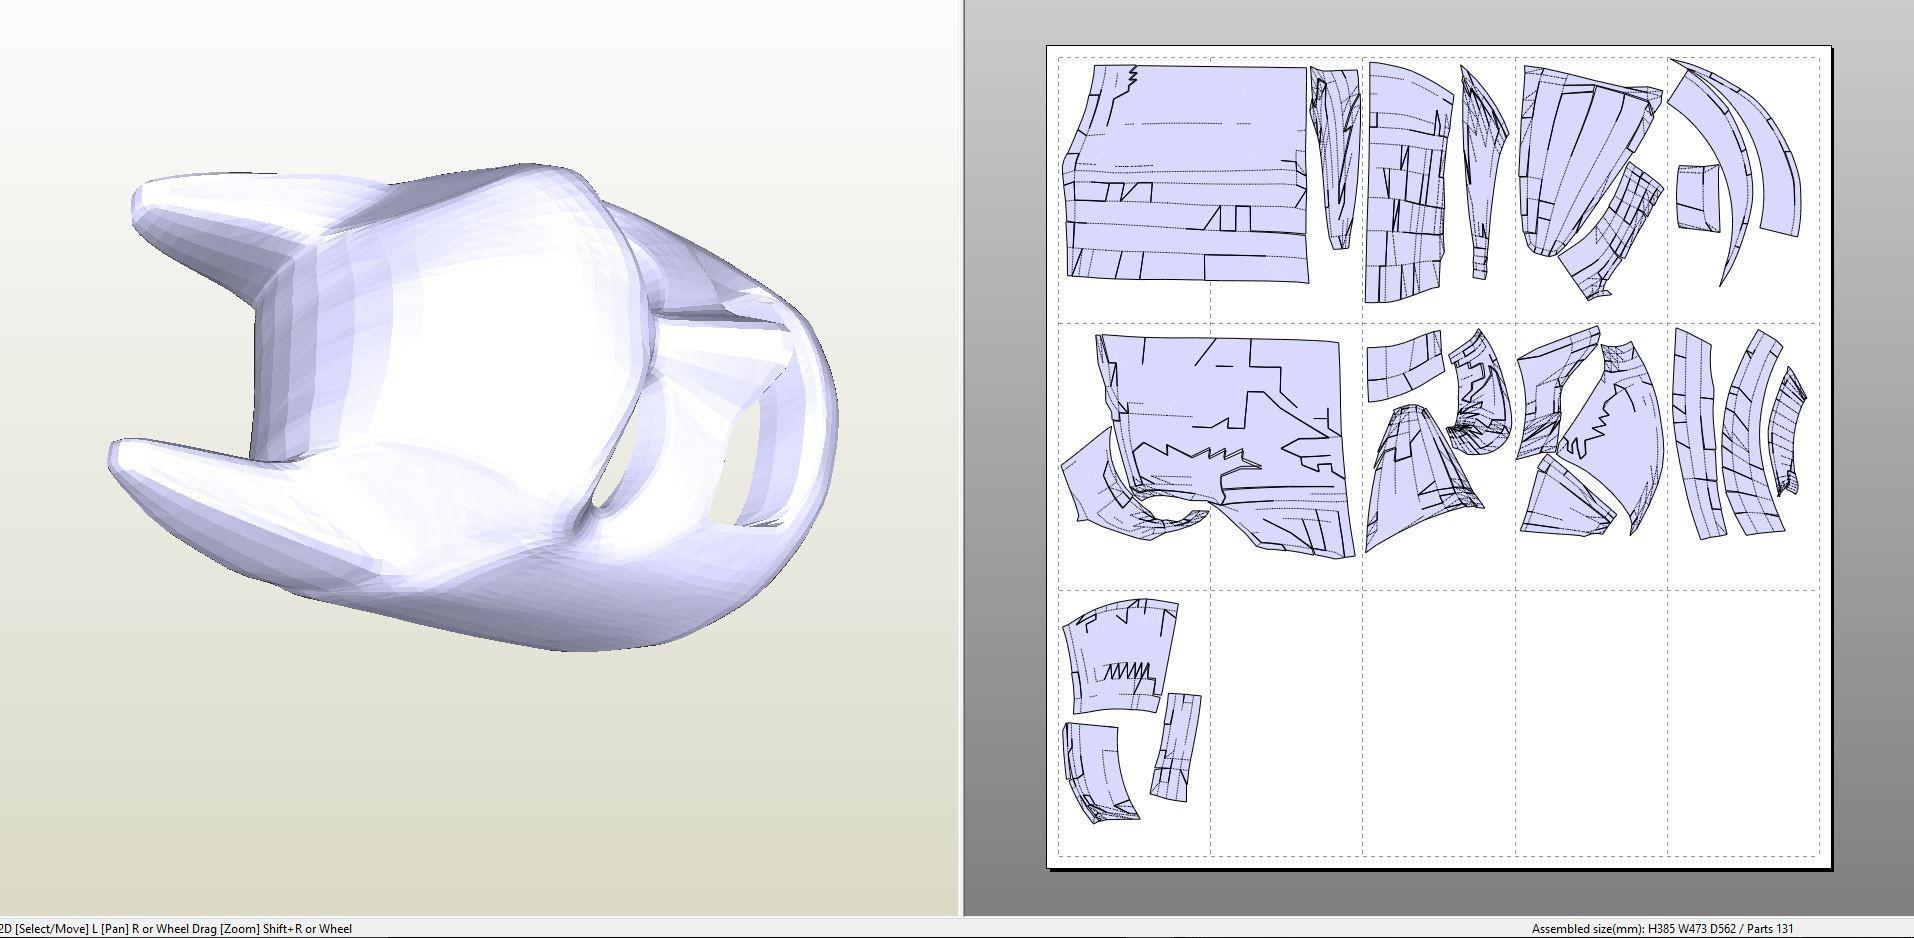 Mass Effect Papercraft Papercraft Pdo File Template for Lego Batman Cowl Foam